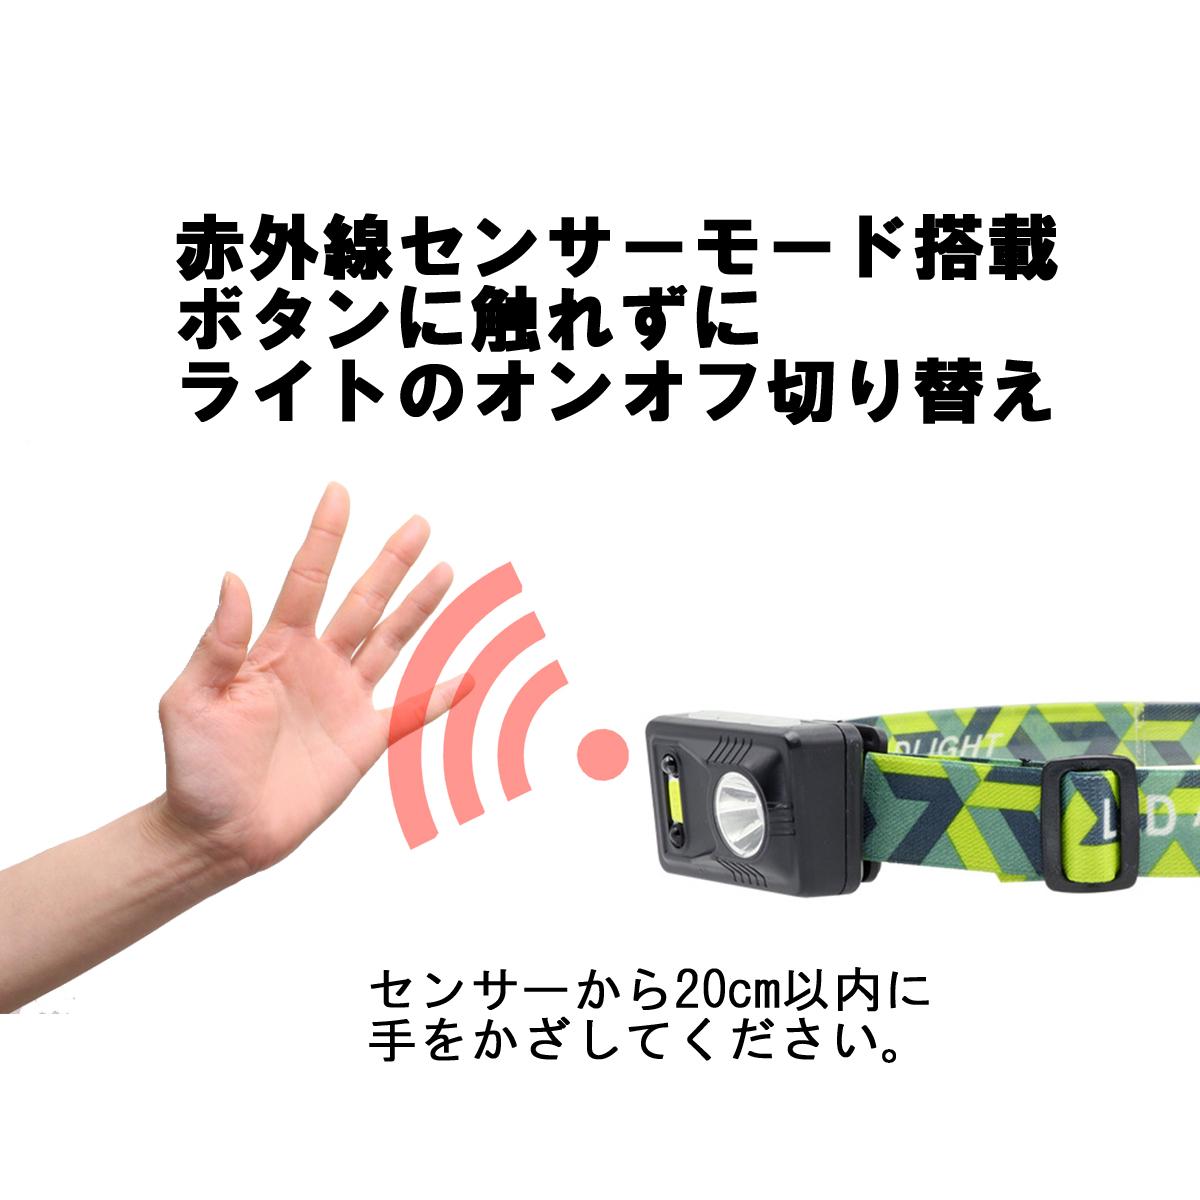 赤外線センサー付きLEDヘッドライト